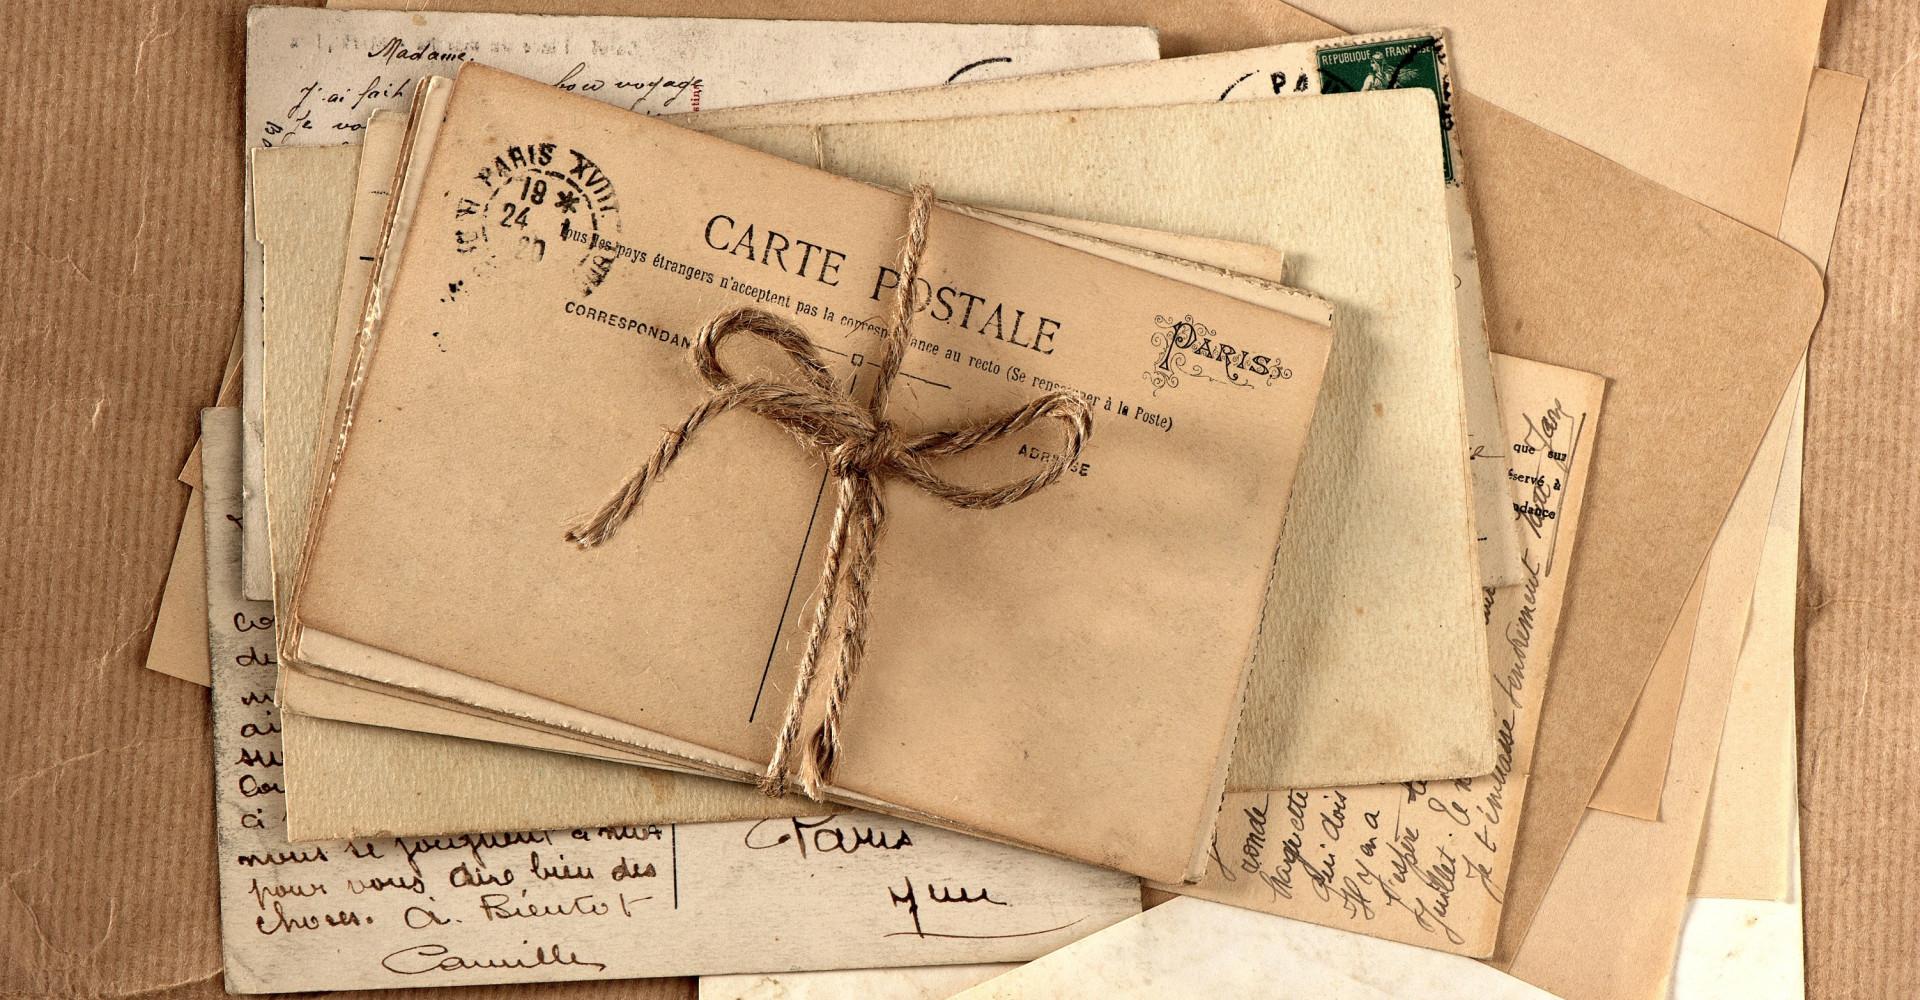 Liefdesbrief komt 77 jaar later aan bij bestemming